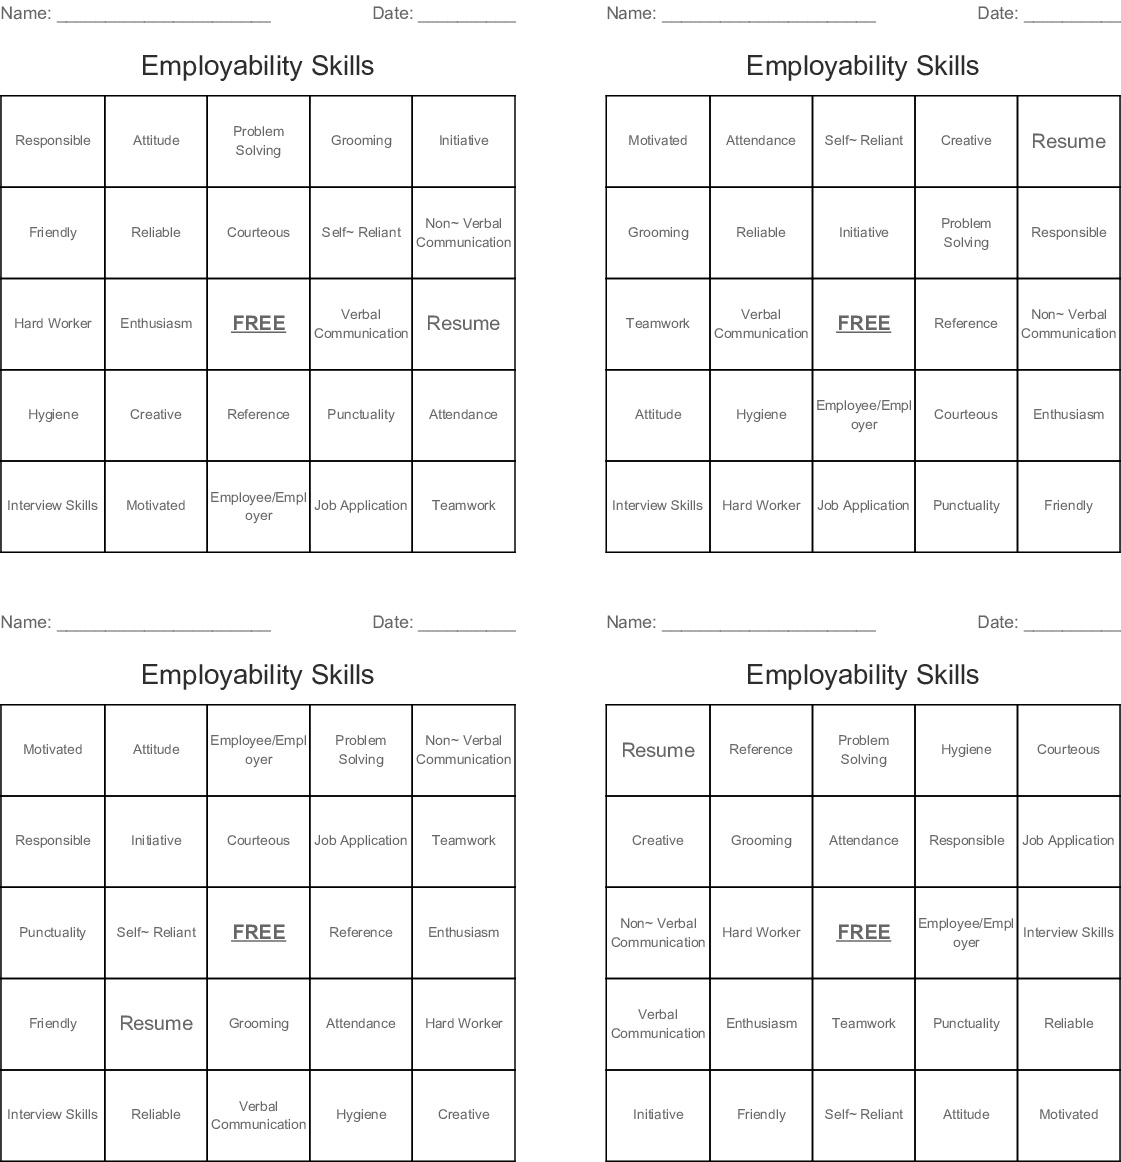 Employability Skills Bingo Cards - Wordmint